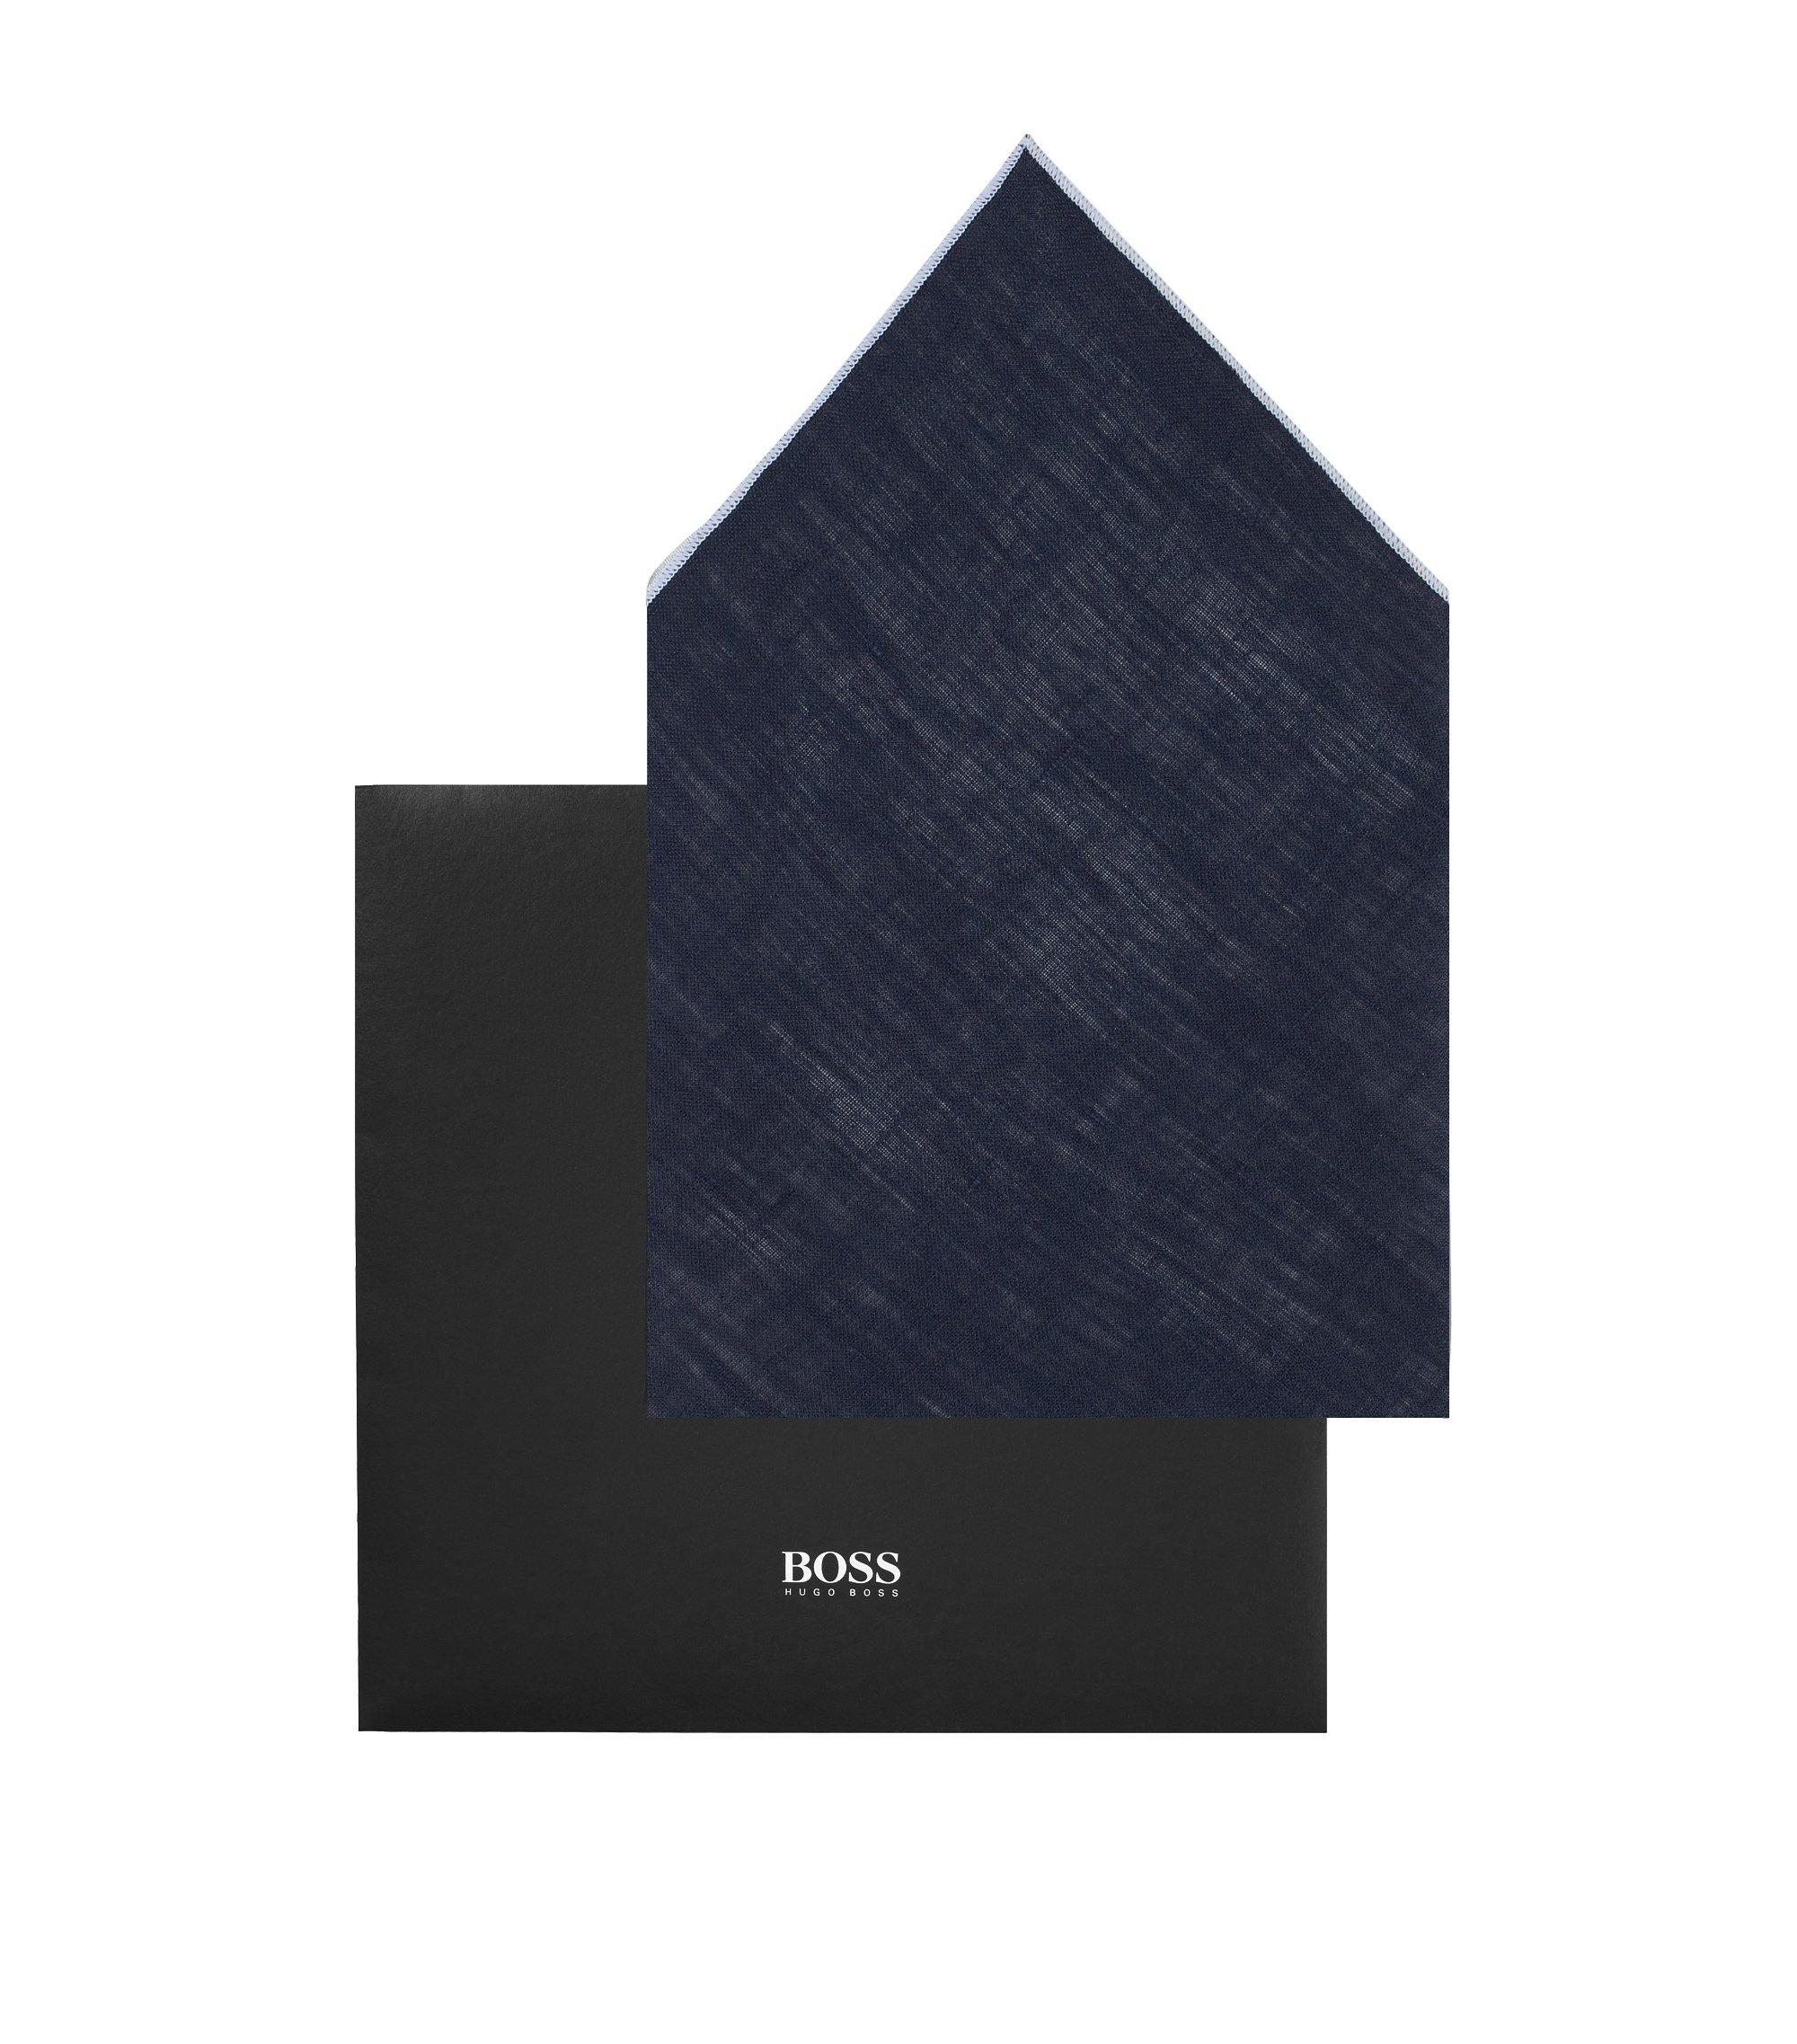 Einstecktuch ´Pocket square 33 x 33 aus Leinen, Dunkelblau